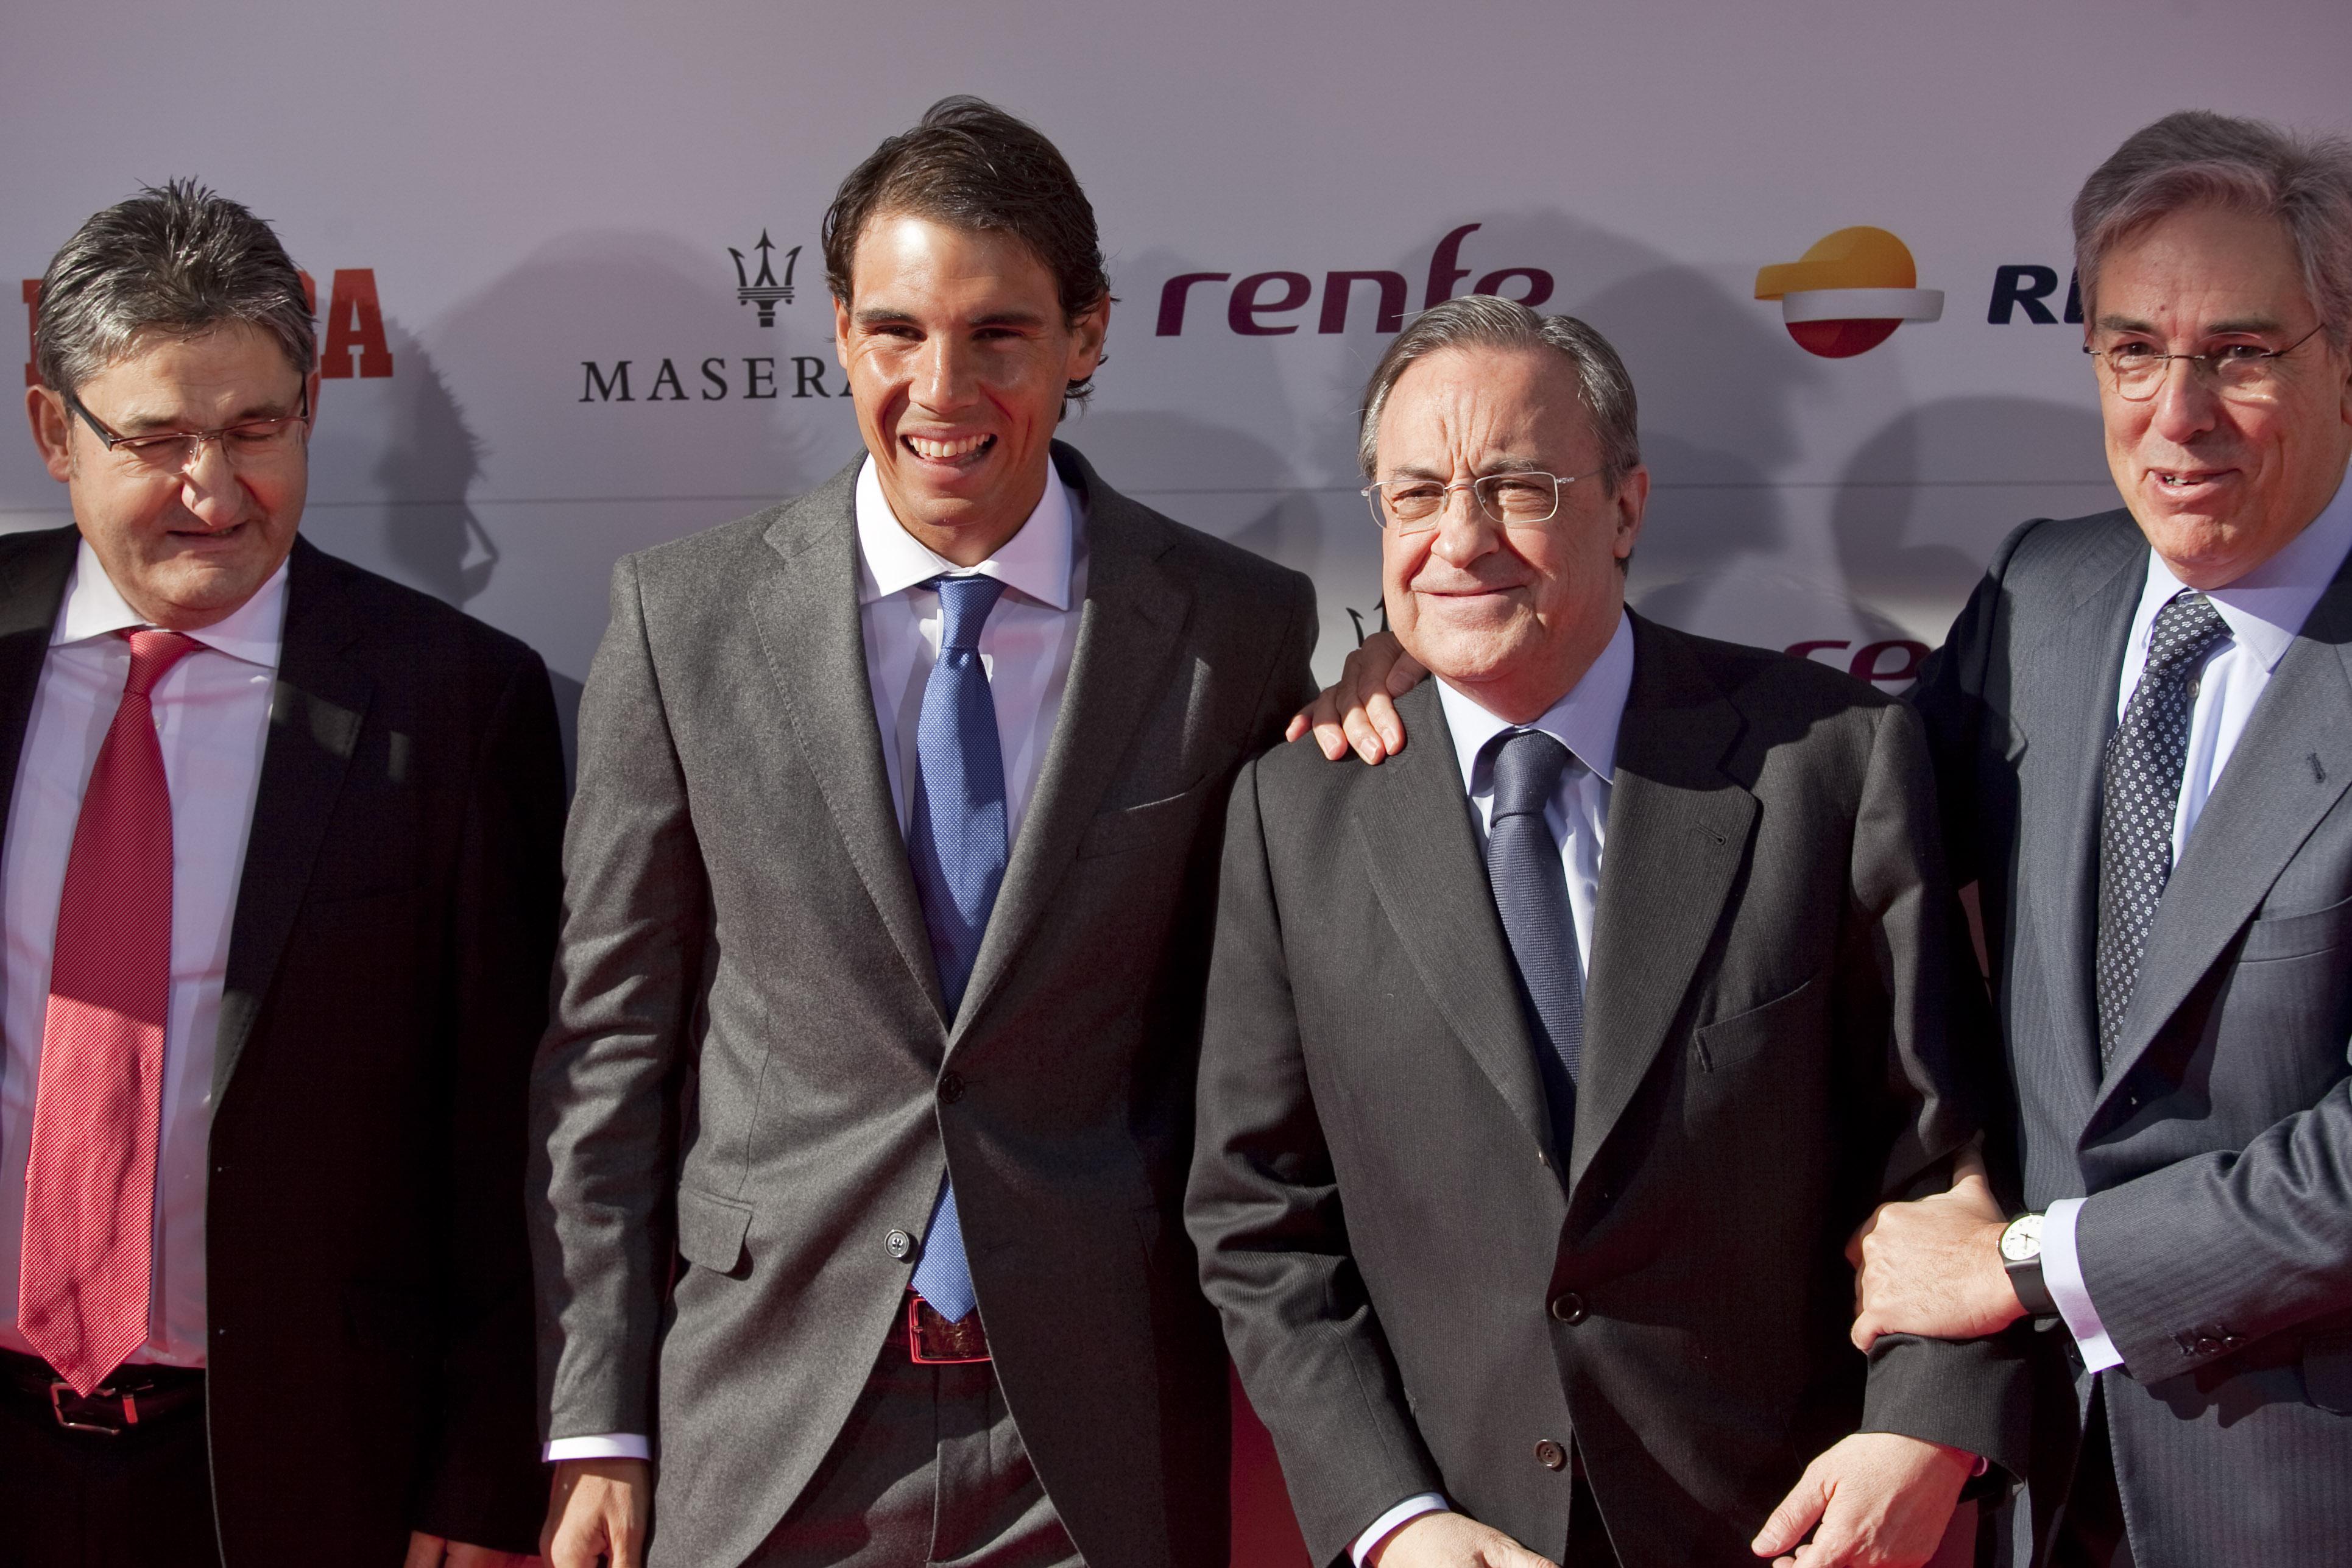 Tennis - Le président du Real Madrid rêverait d'un match Federer-Nadal à Bernabeu